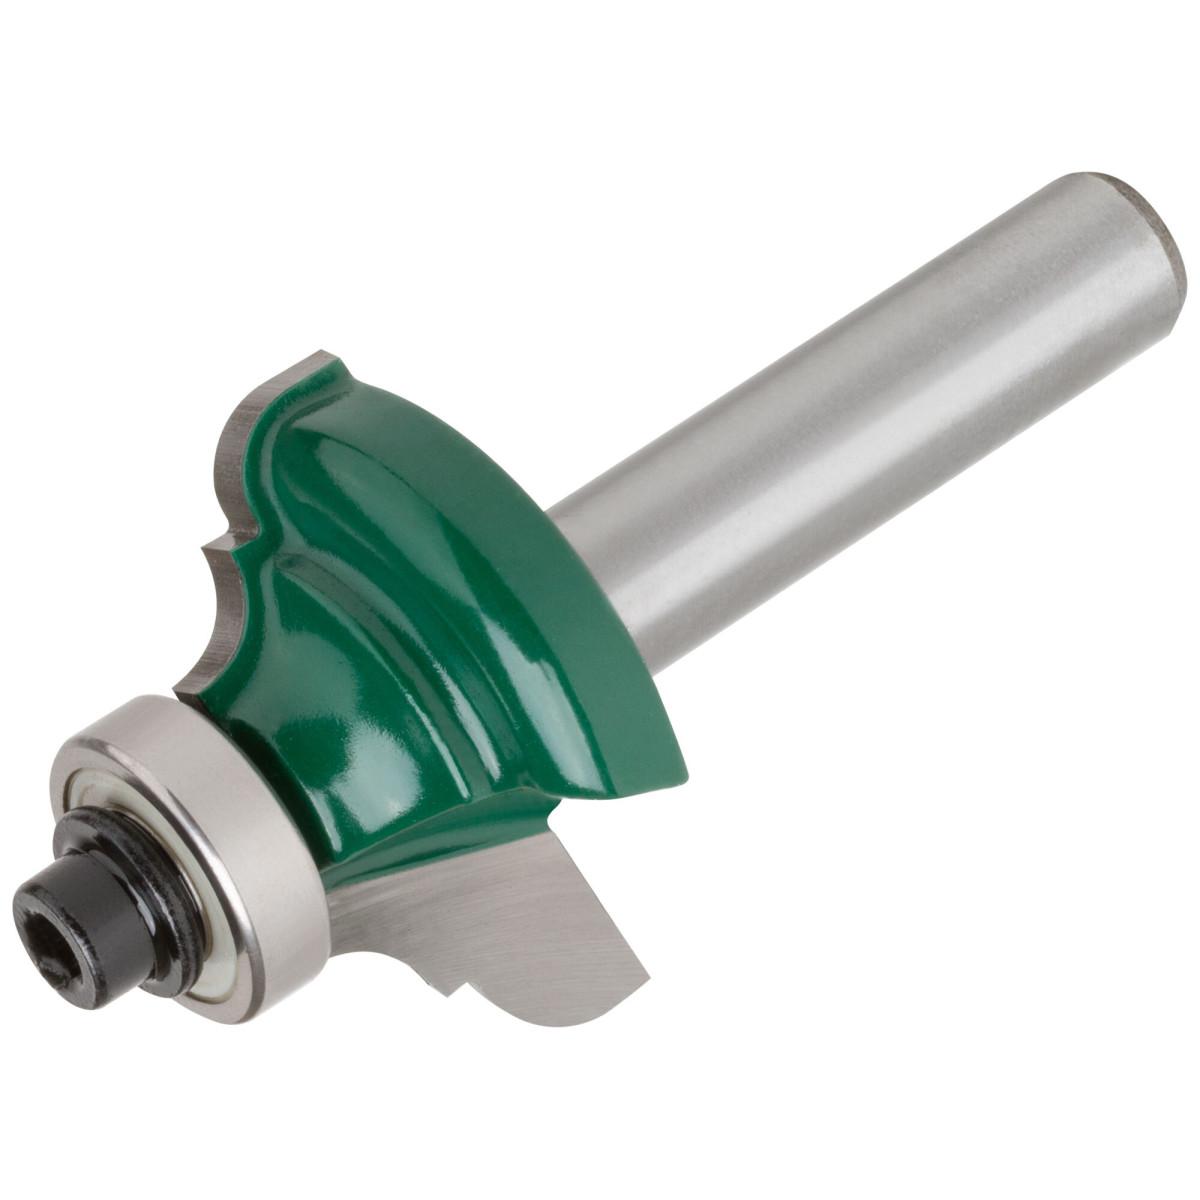 Фреза кромочная калевочная Fit 28.6x12.7 мм хвостовик 8 мм